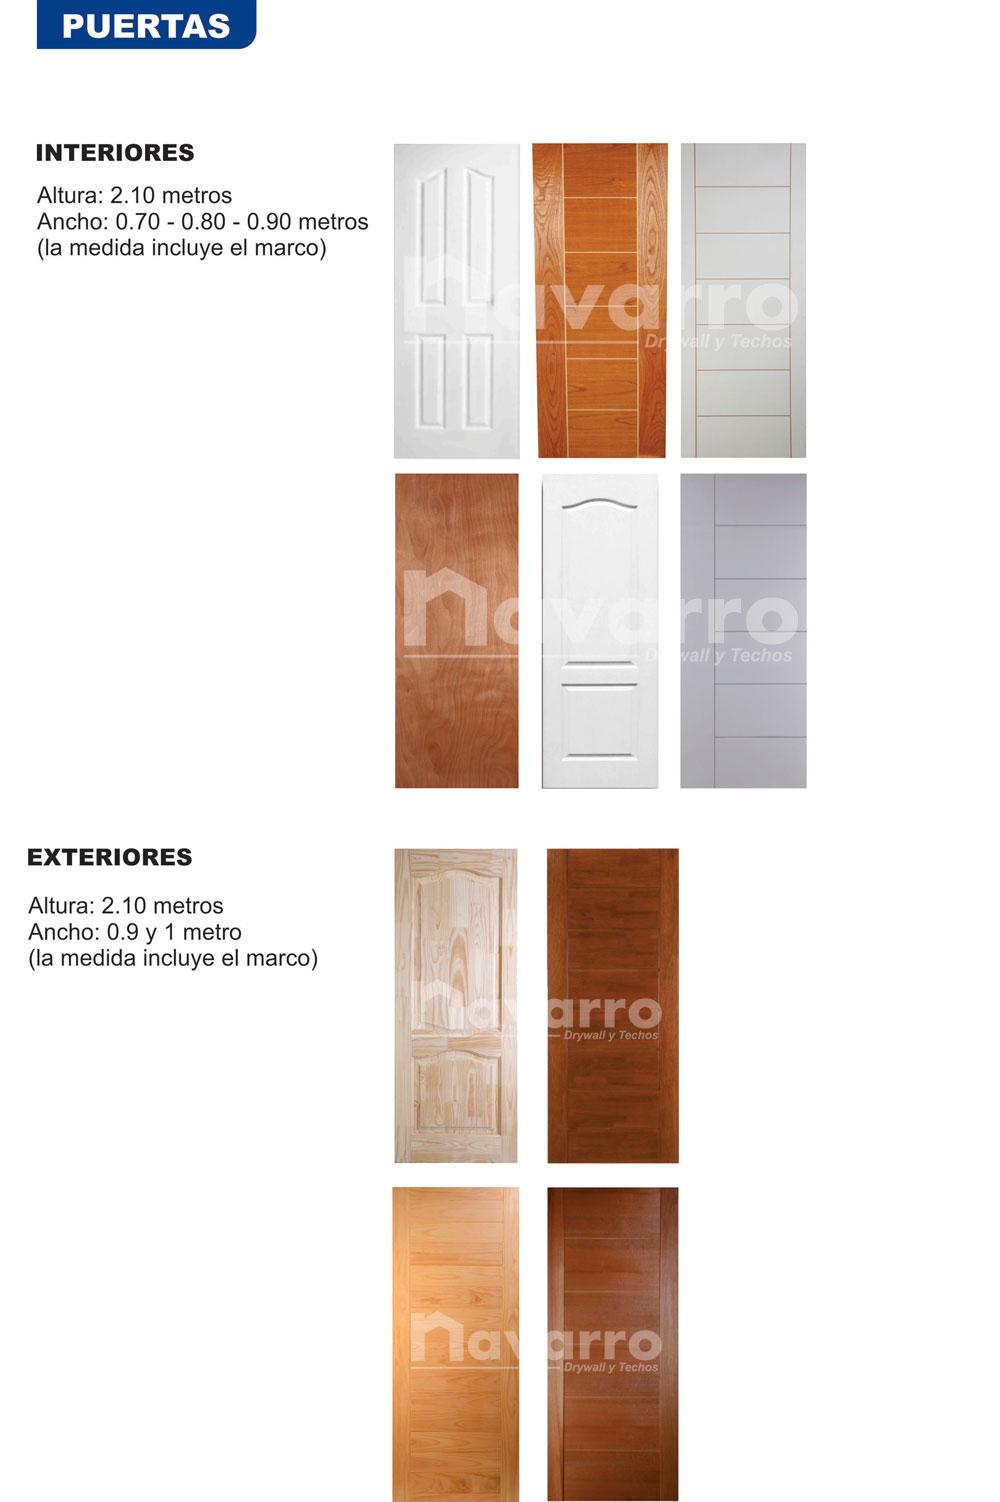 Puertas Exteriores E Interiores Navarro Drywall En Ilo Moquegua